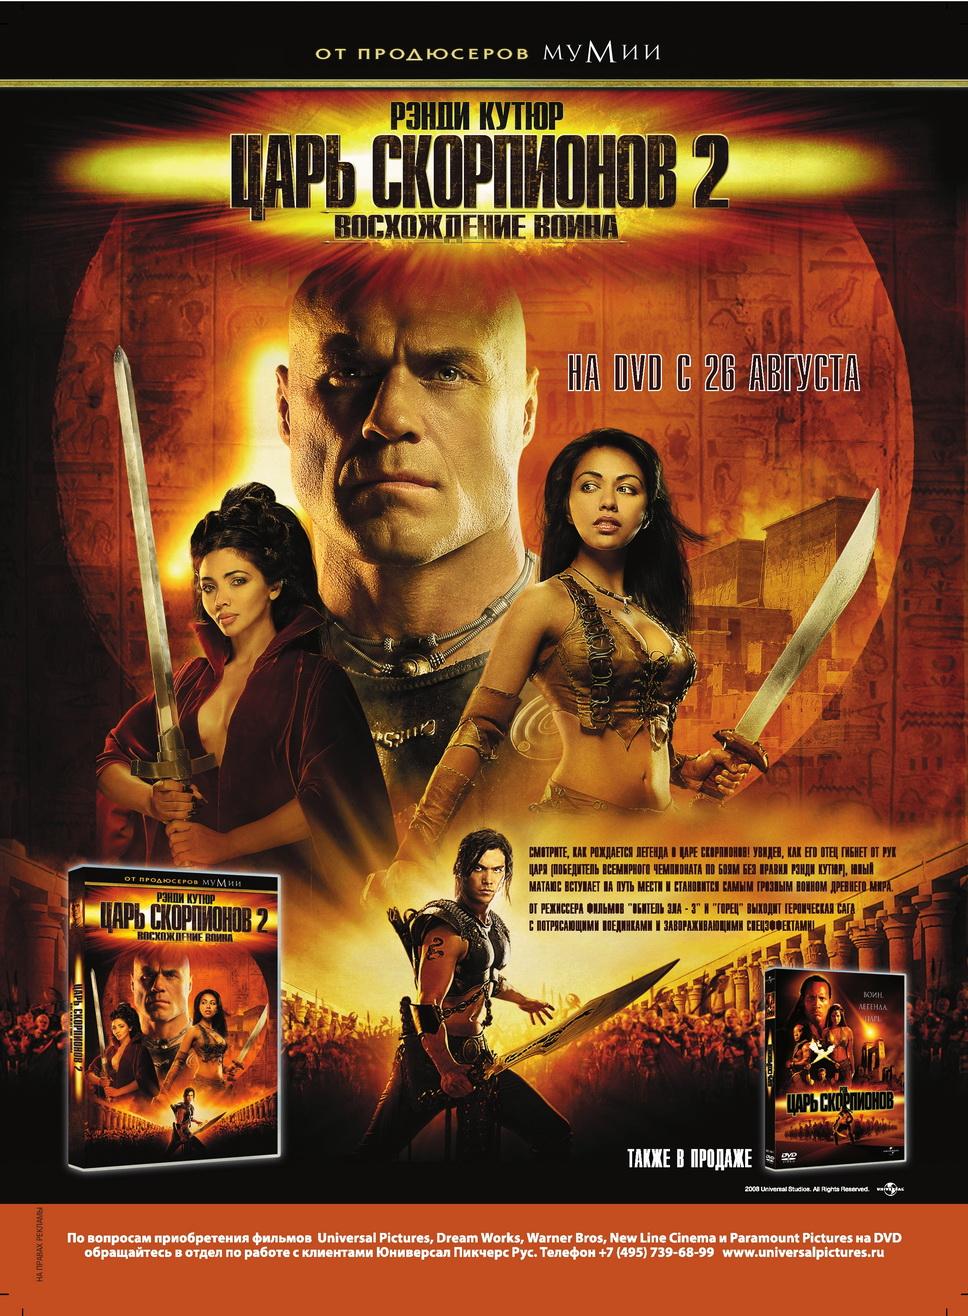 Царь скорпионов 2: восхождение воина (2008) жанр: боевик, фэнтези